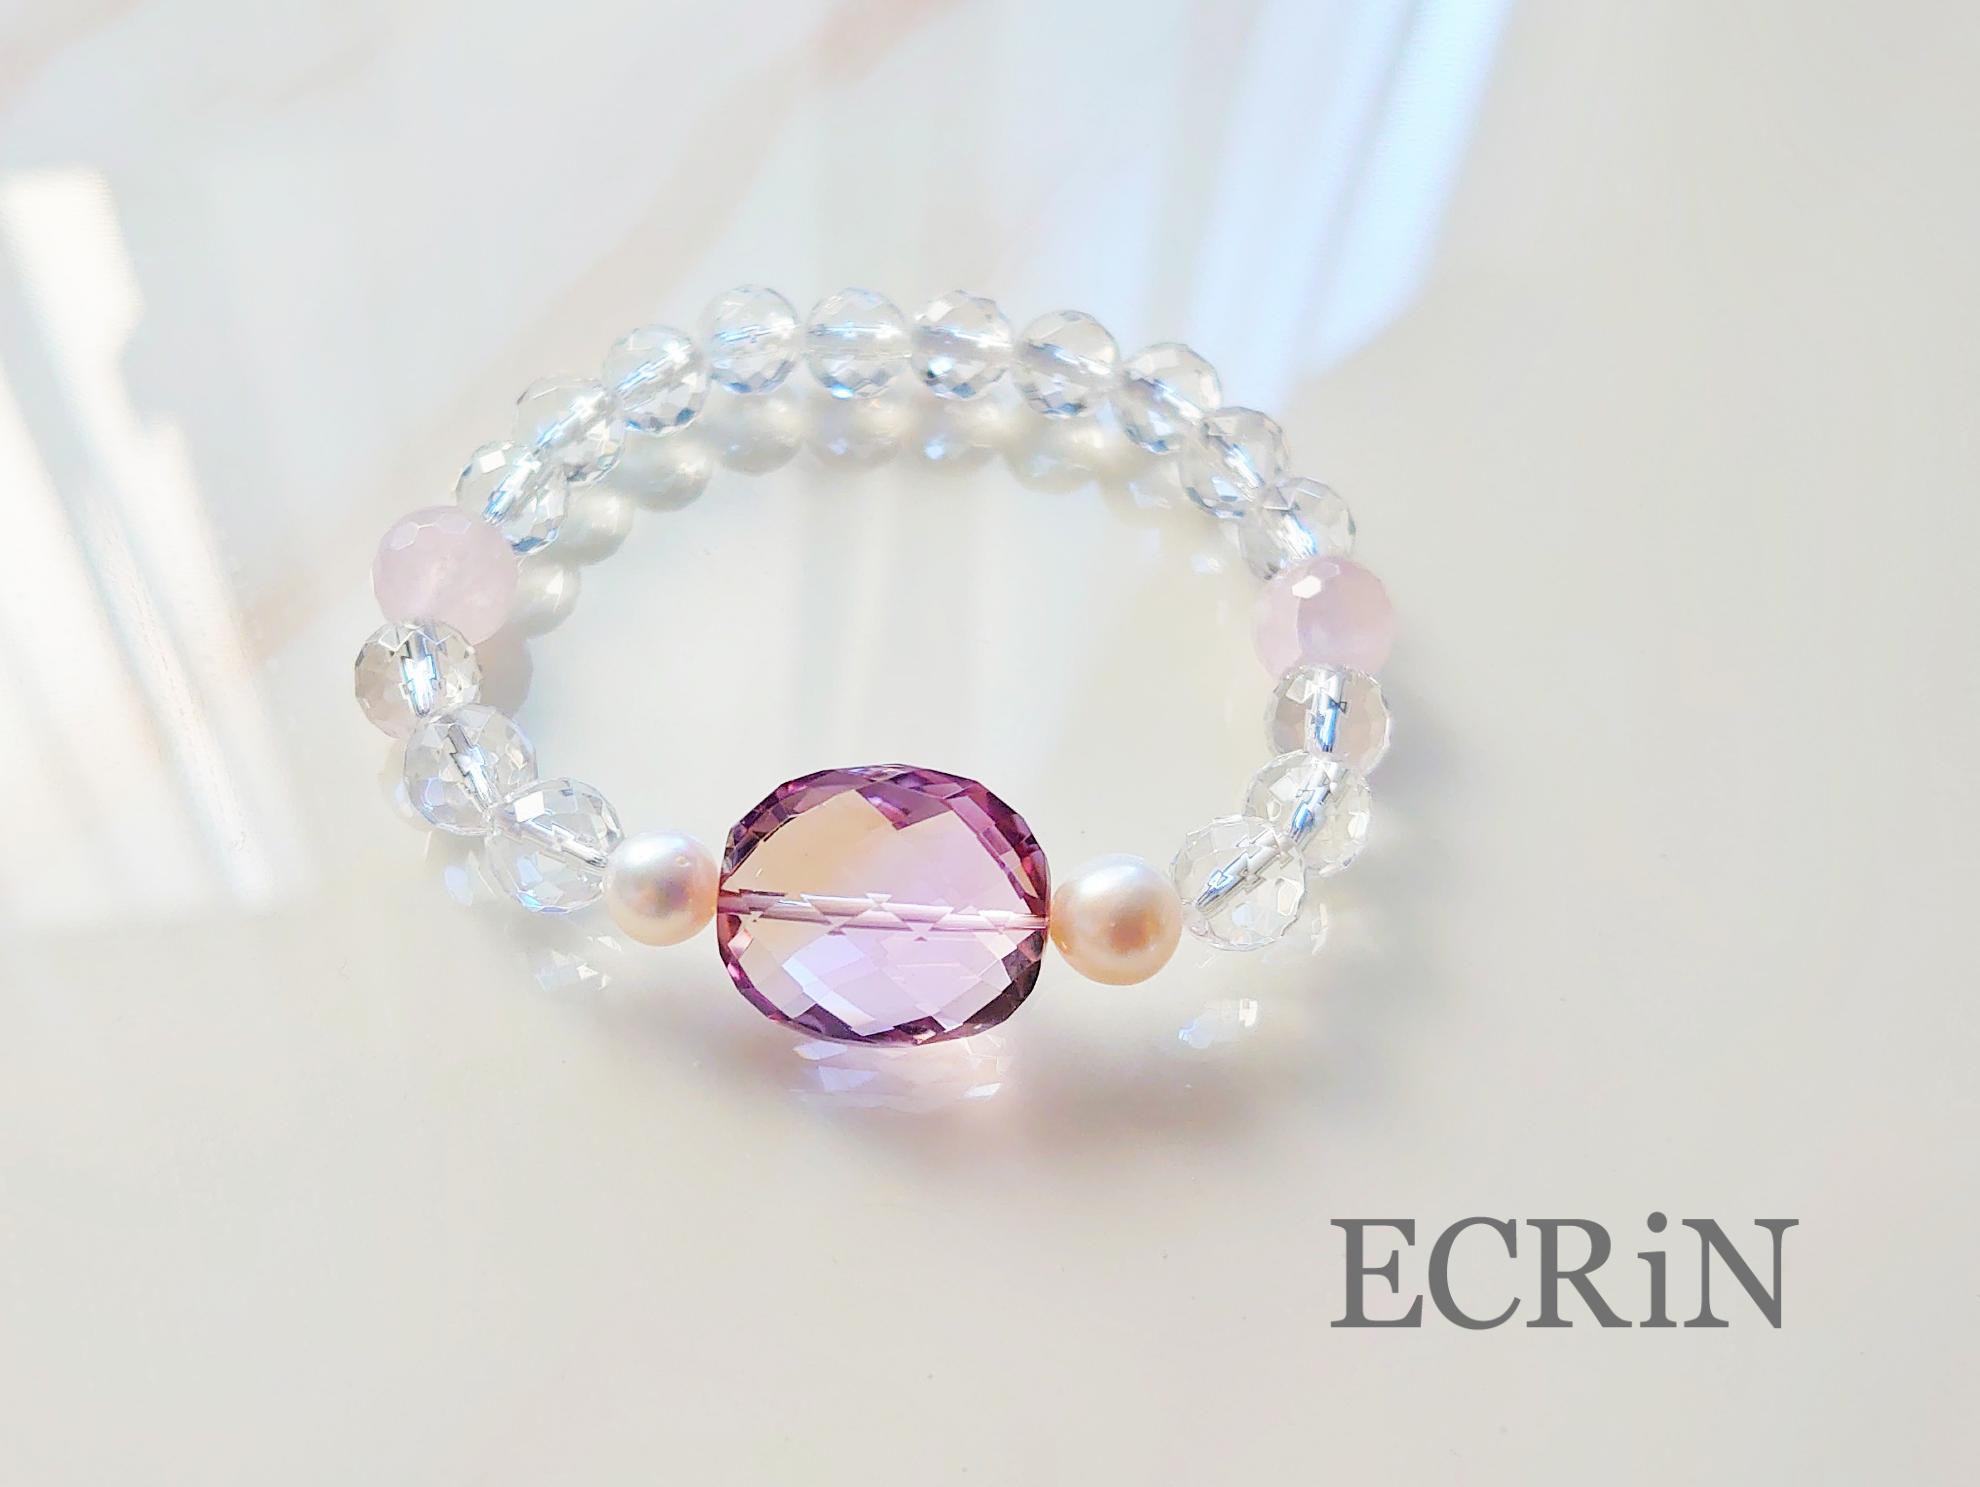 最高級jewelry♡「あなたらしく輝く♡女神のブレスレット」アメトリンブレスレット♡送料無料